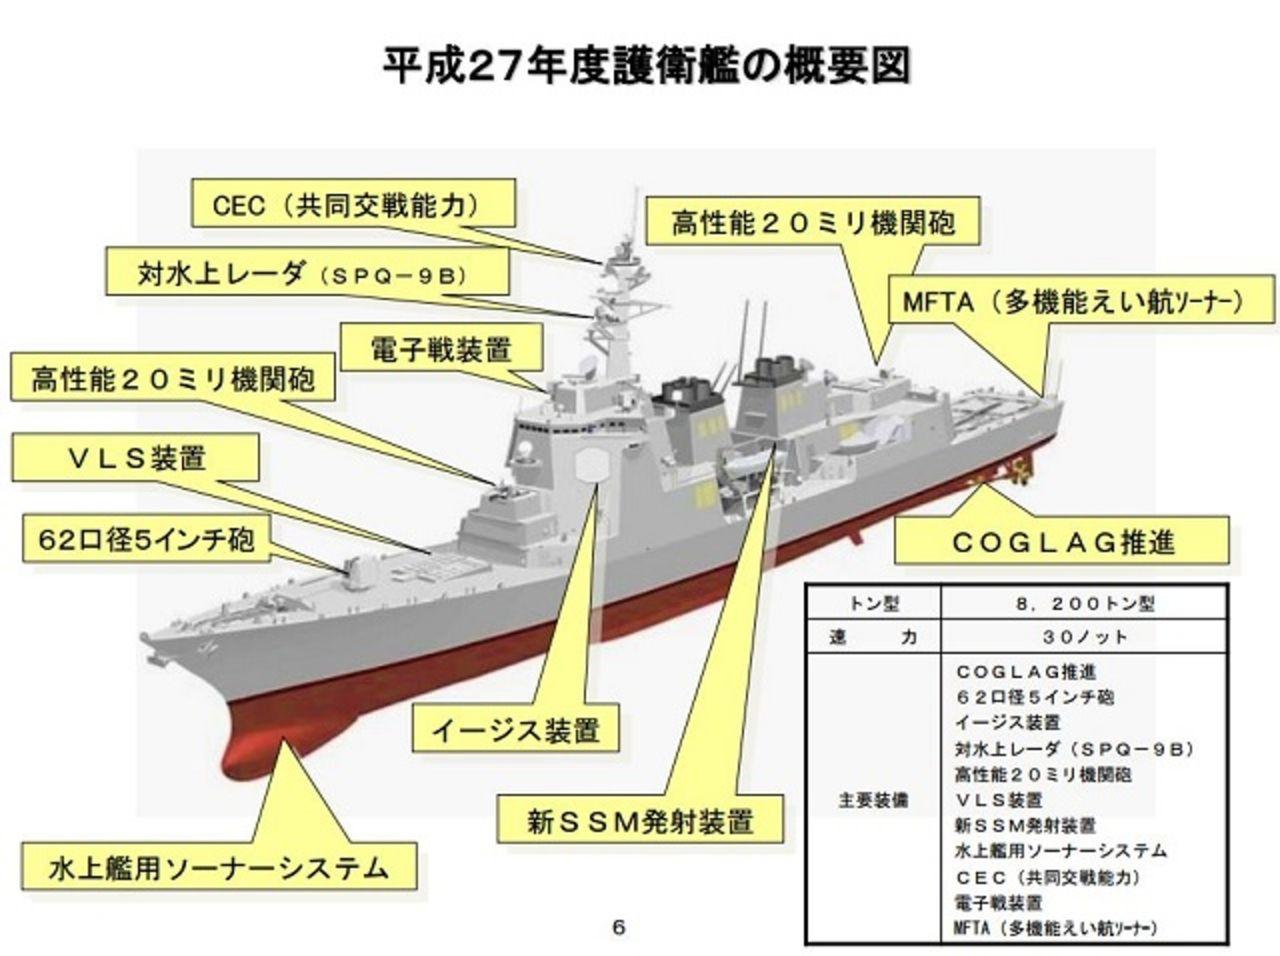 Botadura del 1er. diseño mejorado (DDG) - DD 27 Clase ATAGO Aegis con el  nombre de MAYA CLASS - Armada del Japon -  Notas, caracteristicas y publicaciones 27_DD_AEGIS_DDG_Destroyer_JMSDF